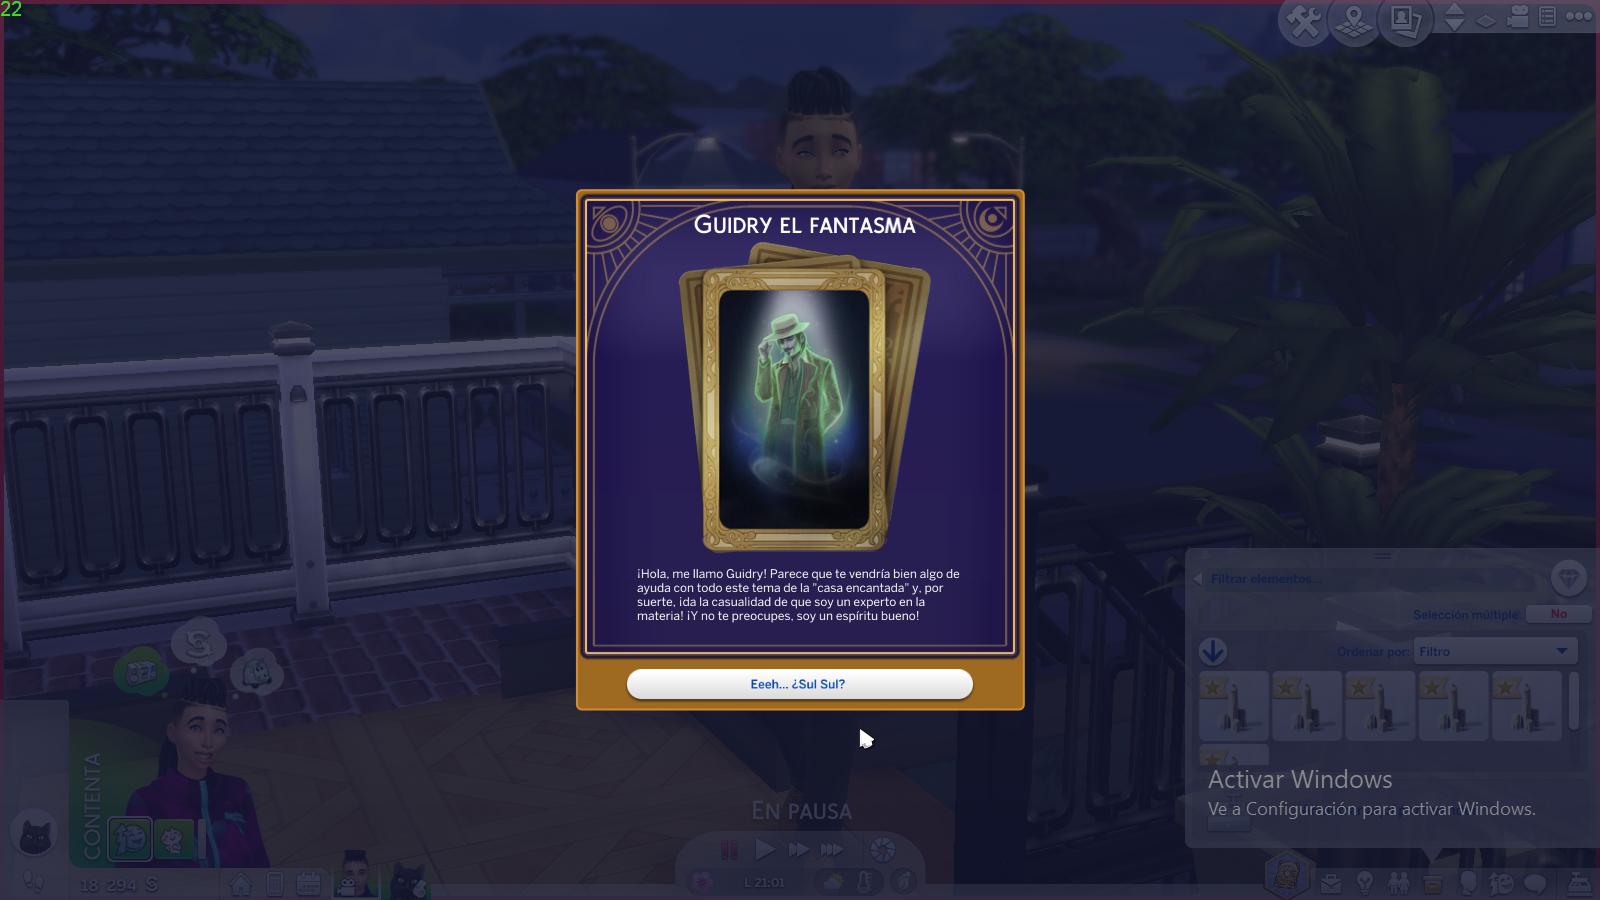 Sims 4 Fenómenos Paranormales